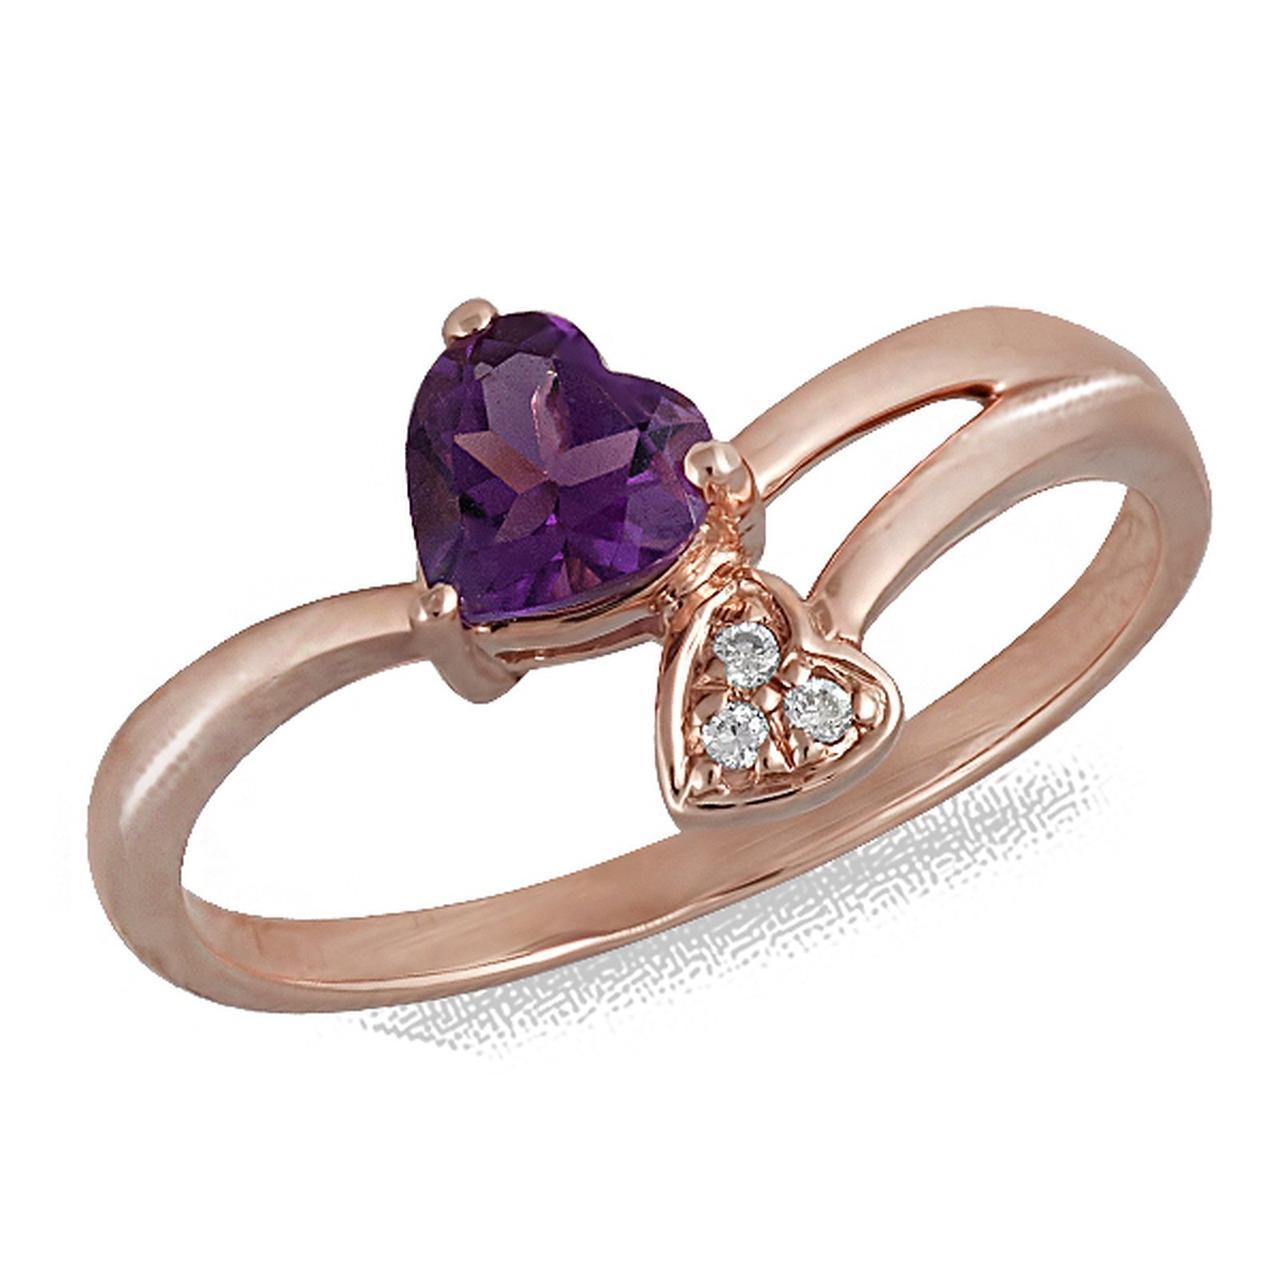 Золотое кольцо с аметистом и бриллиантами, размер 17 (027096)